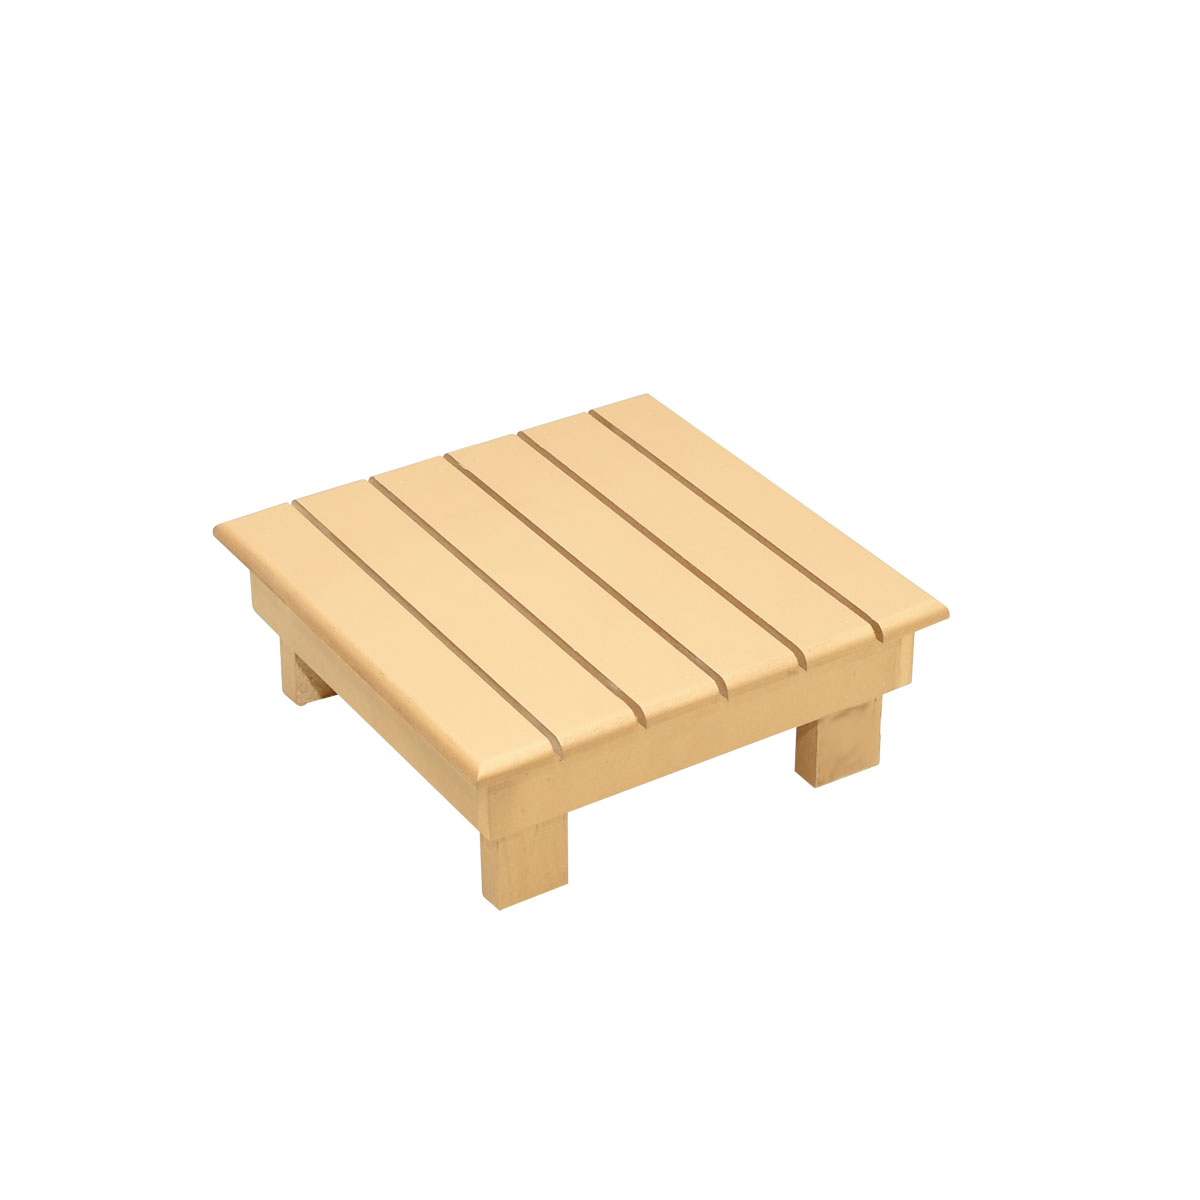 طاولة تقديم وخدمة خشب شرائح مربعه مقاس  30 * 30 * 10 سم